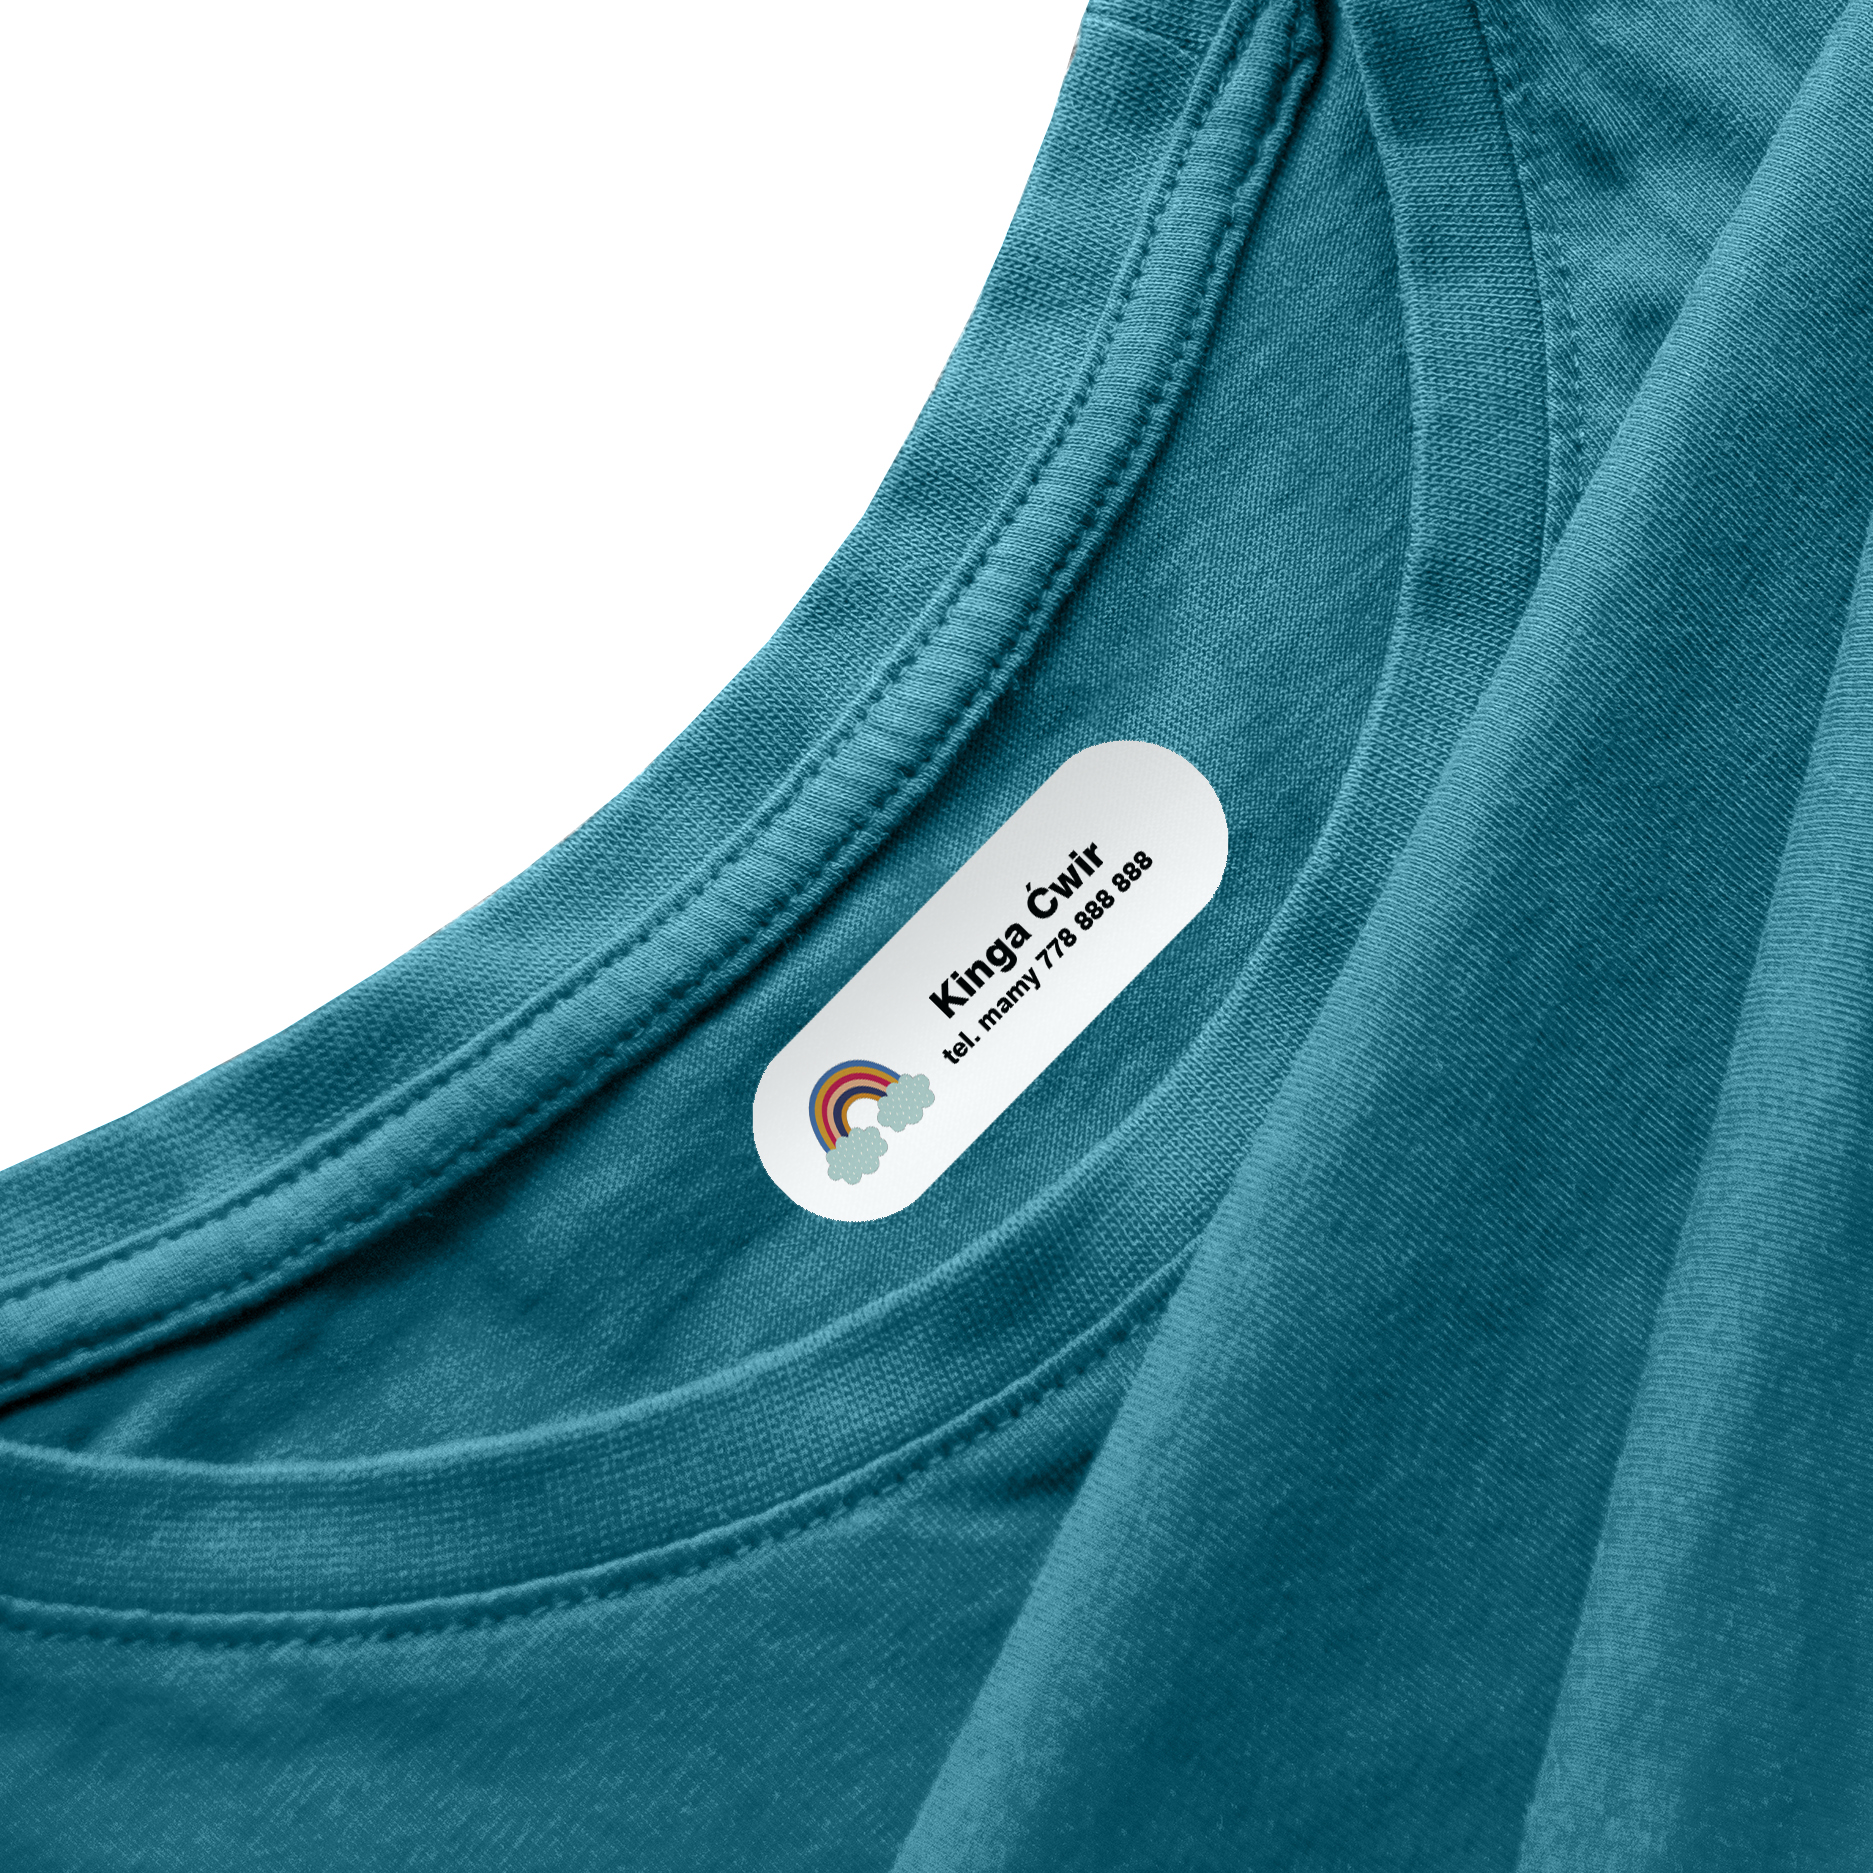 Naprasowanki na ubrania naprasowanka imienna metki dla dziecka tęcza